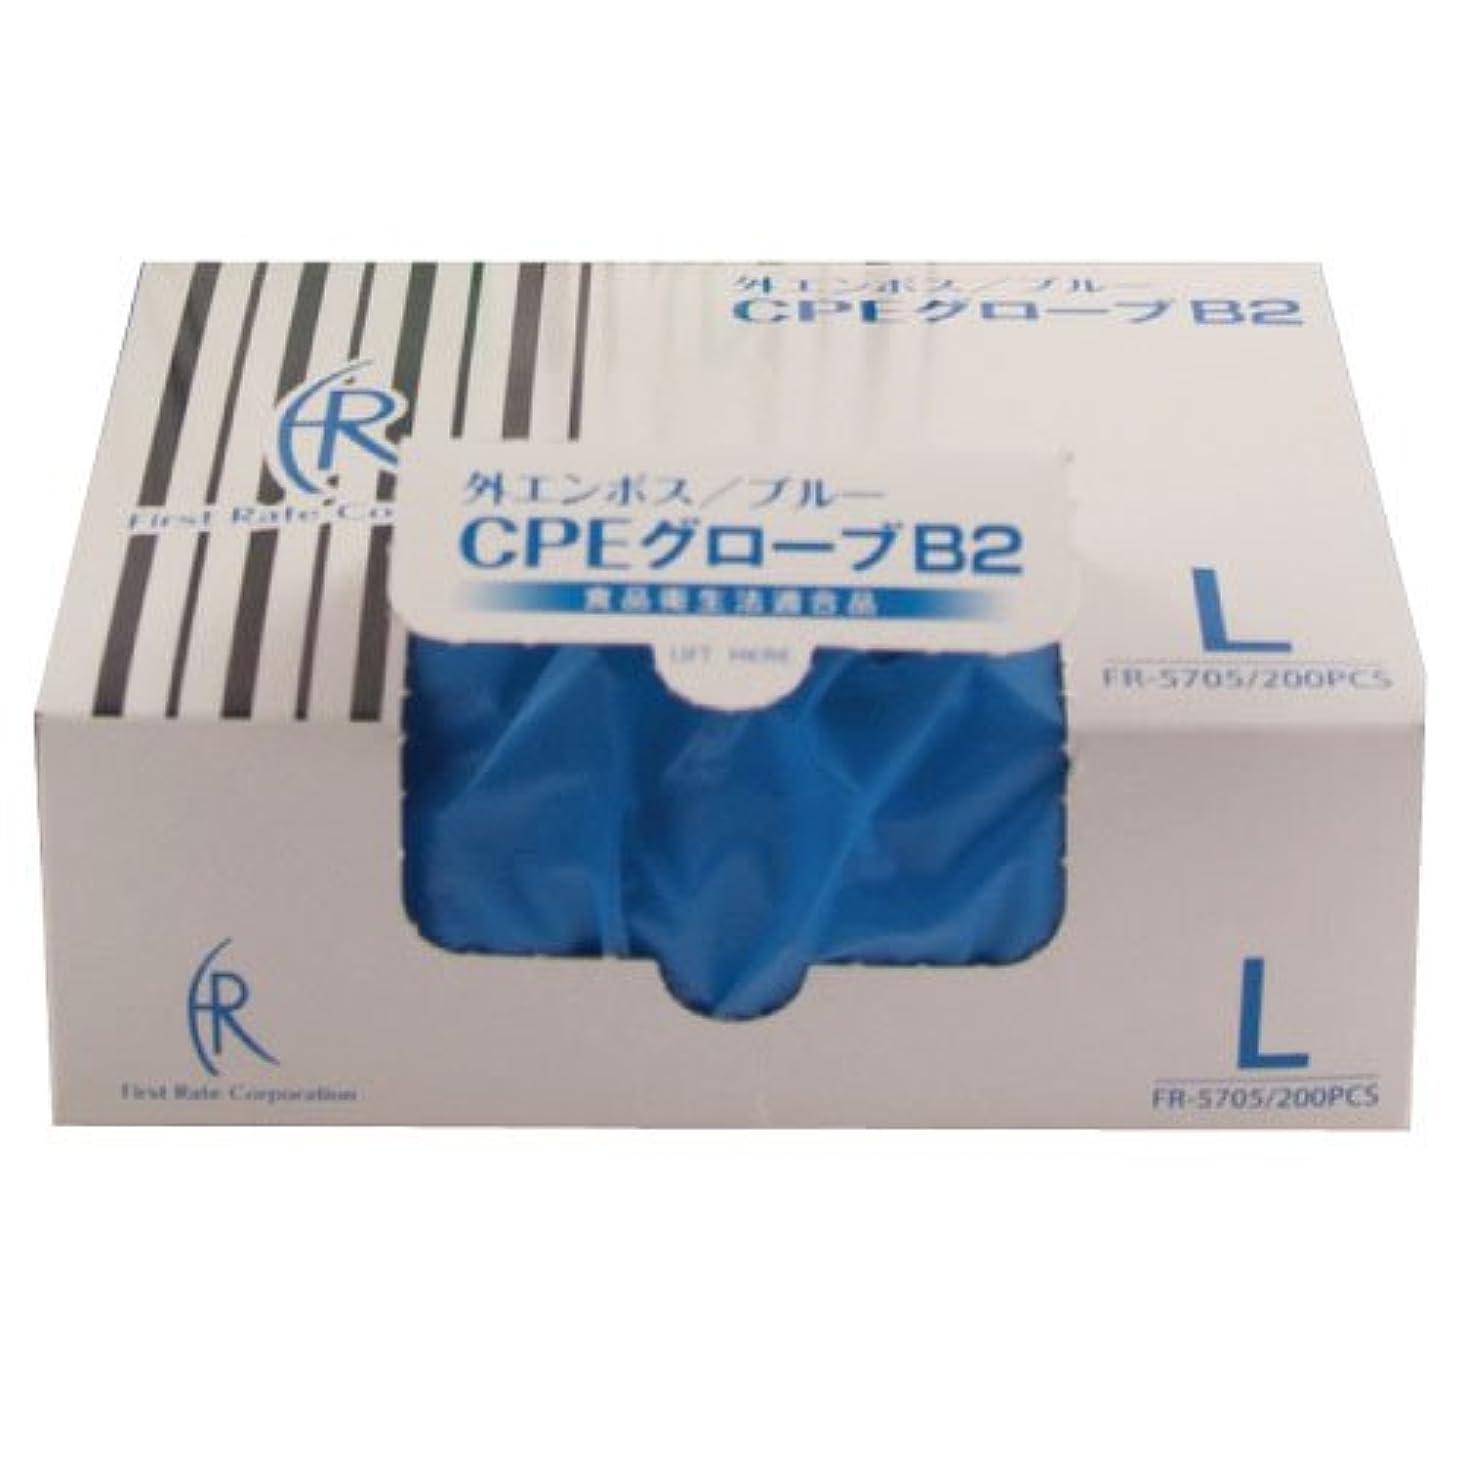 温帯ボット口頭ファーストレイト CPEグローブ2(ブルー) FR-5705(L)200マイイリ